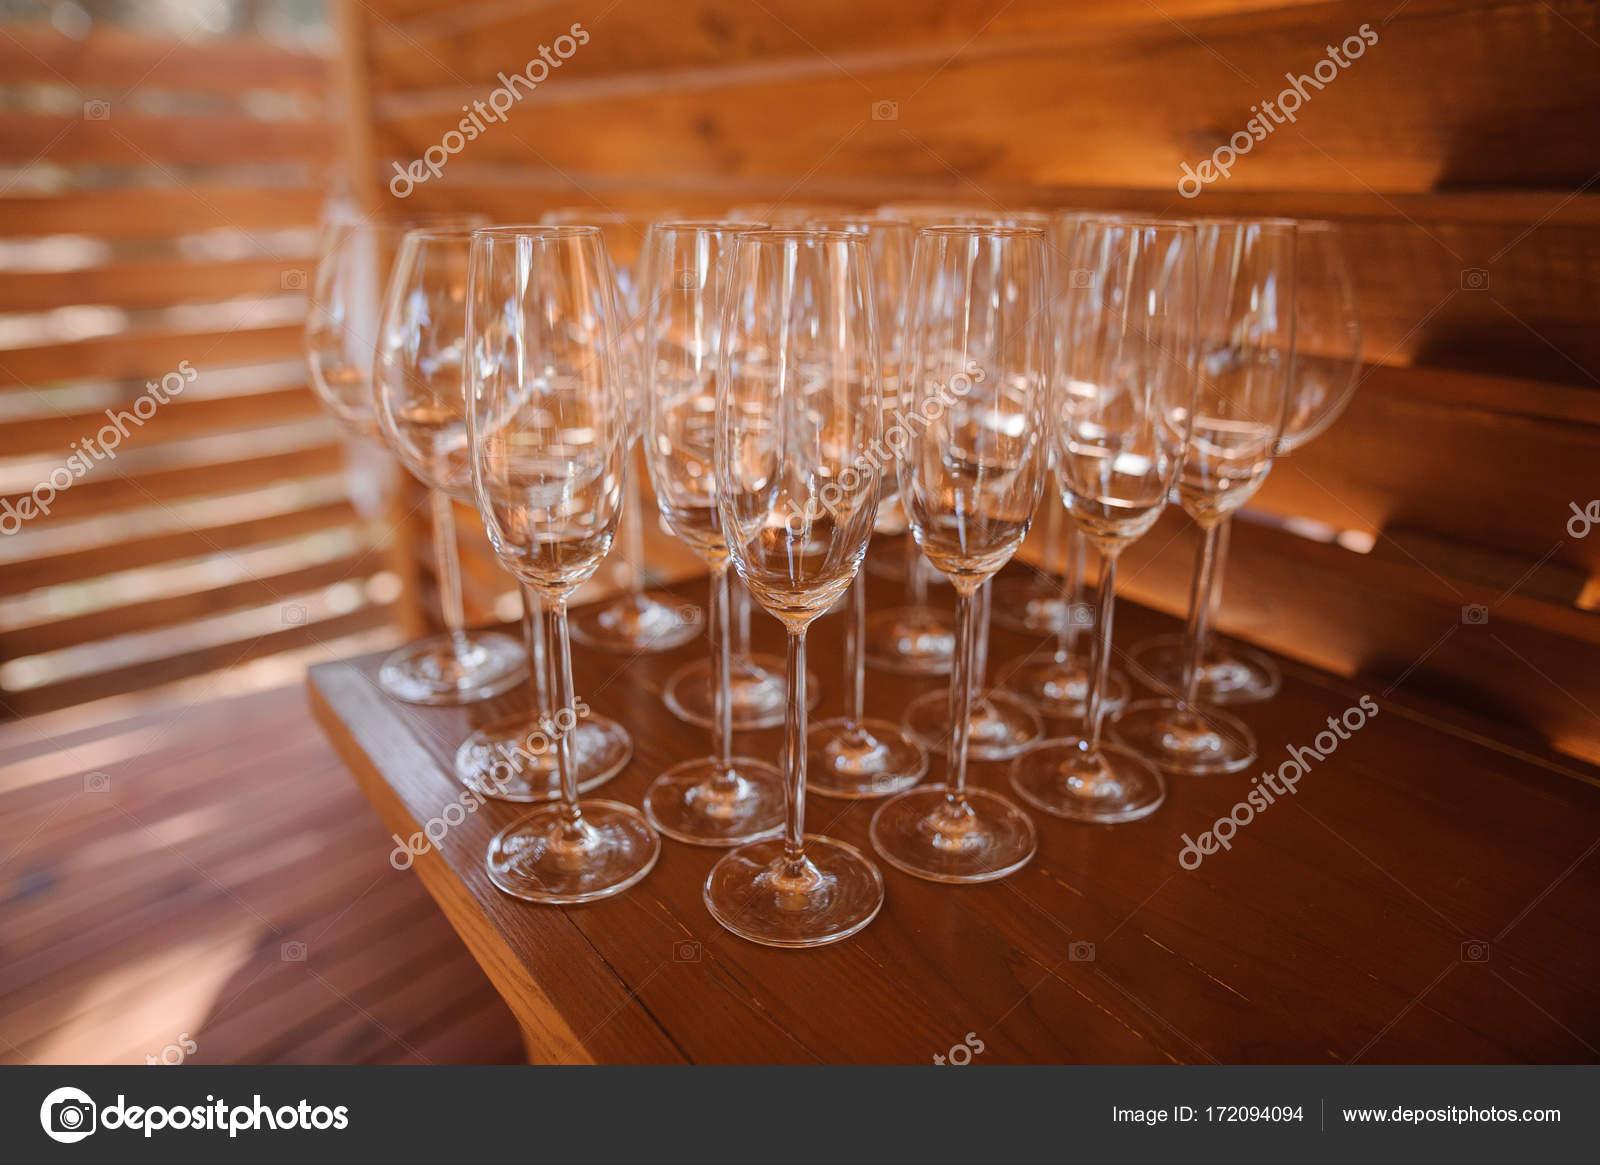 Juego De Vasos Lavados Y Limpios Para Bebidas Alcoholicas Fotos De